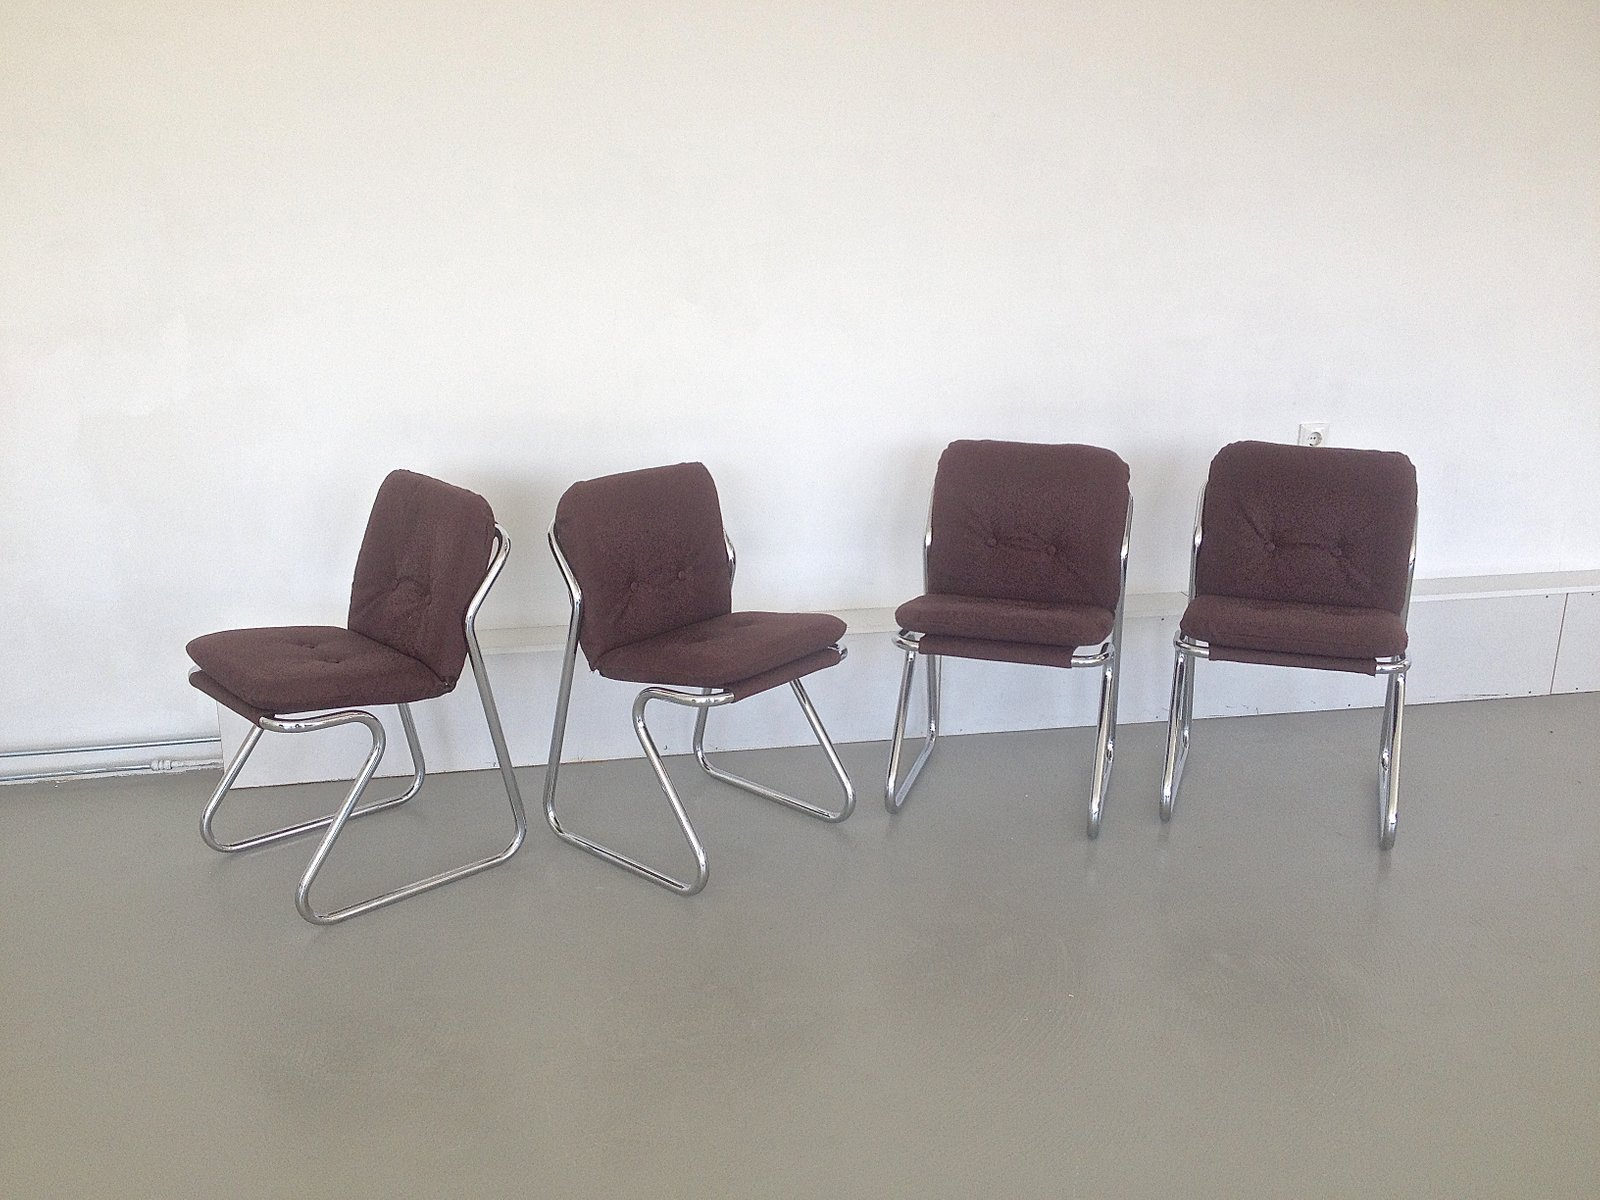 space age esszimmerst hle 1970er 4er set bei pamono kaufen. Black Bedroom Furniture Sets. Home Design Ideas